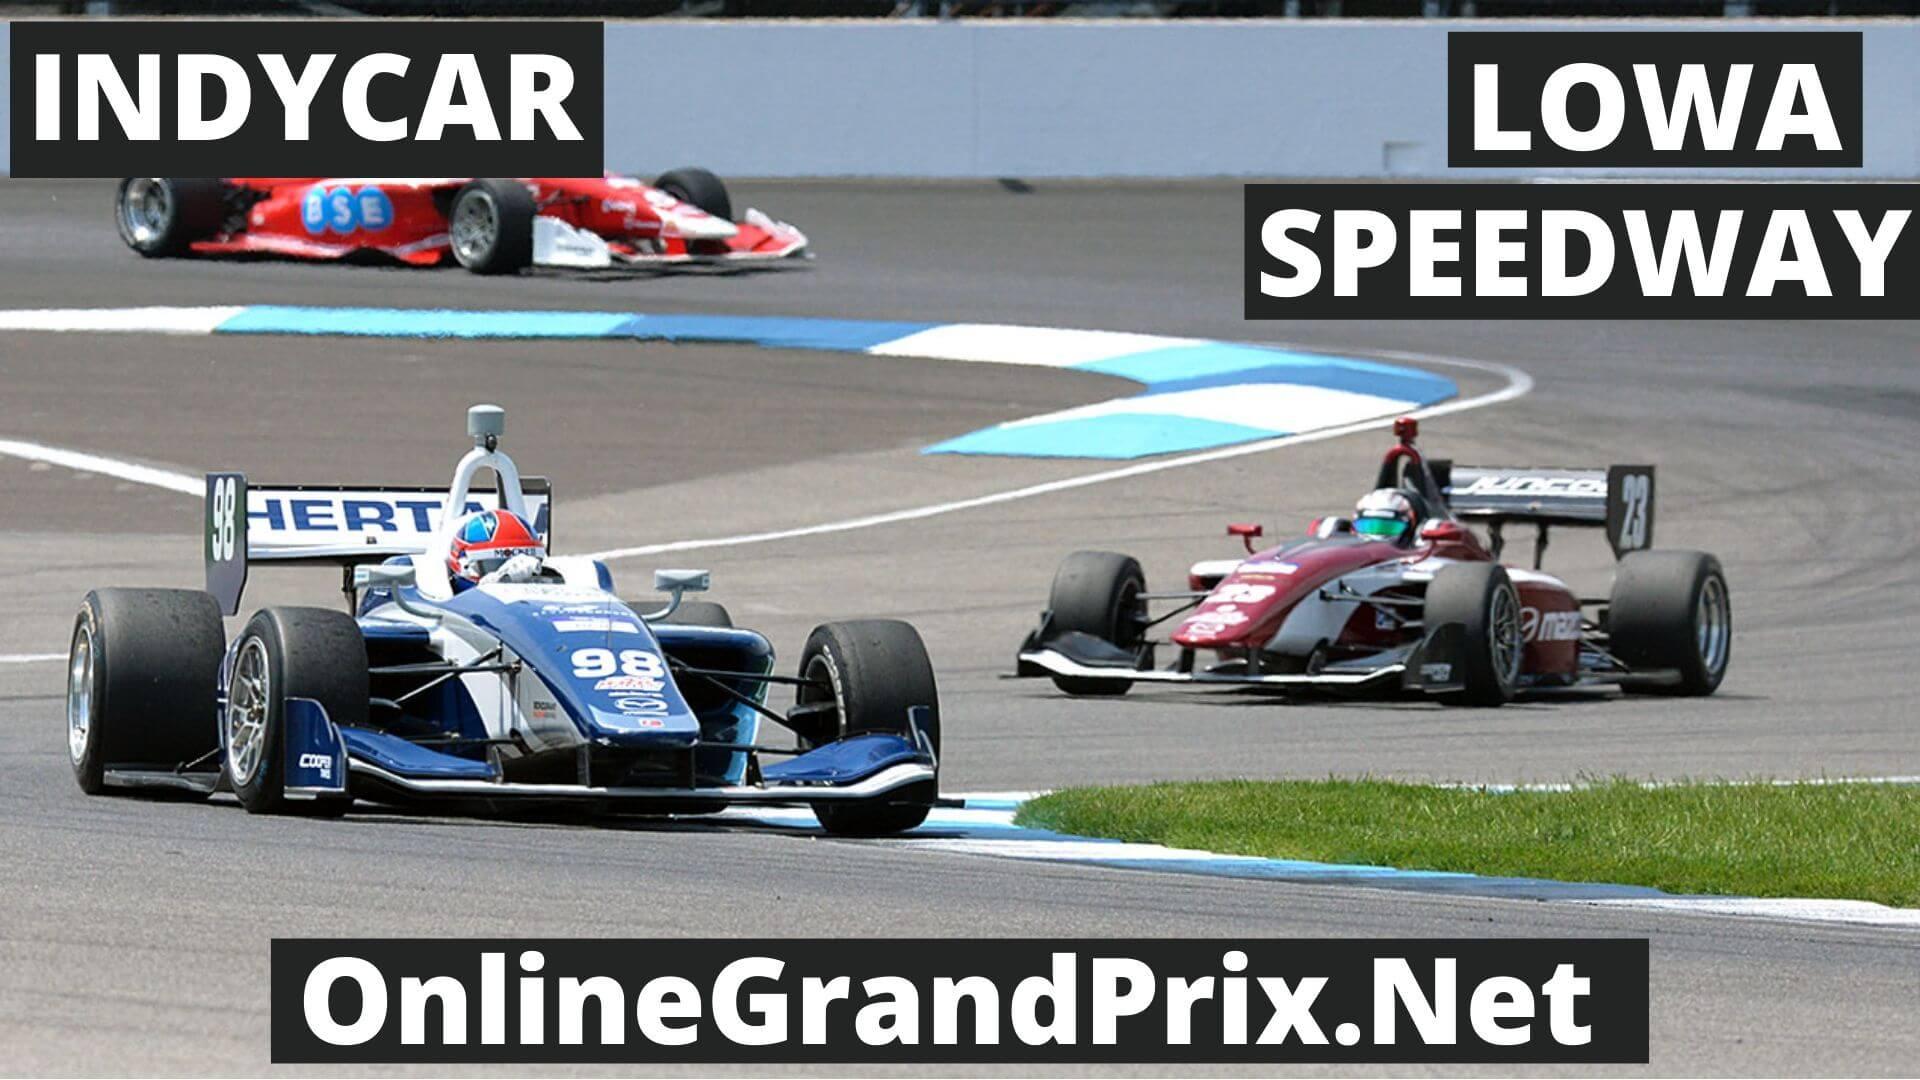 Lowa INDYCAR 250S Race 1 Live Stream 2020 | Indycar